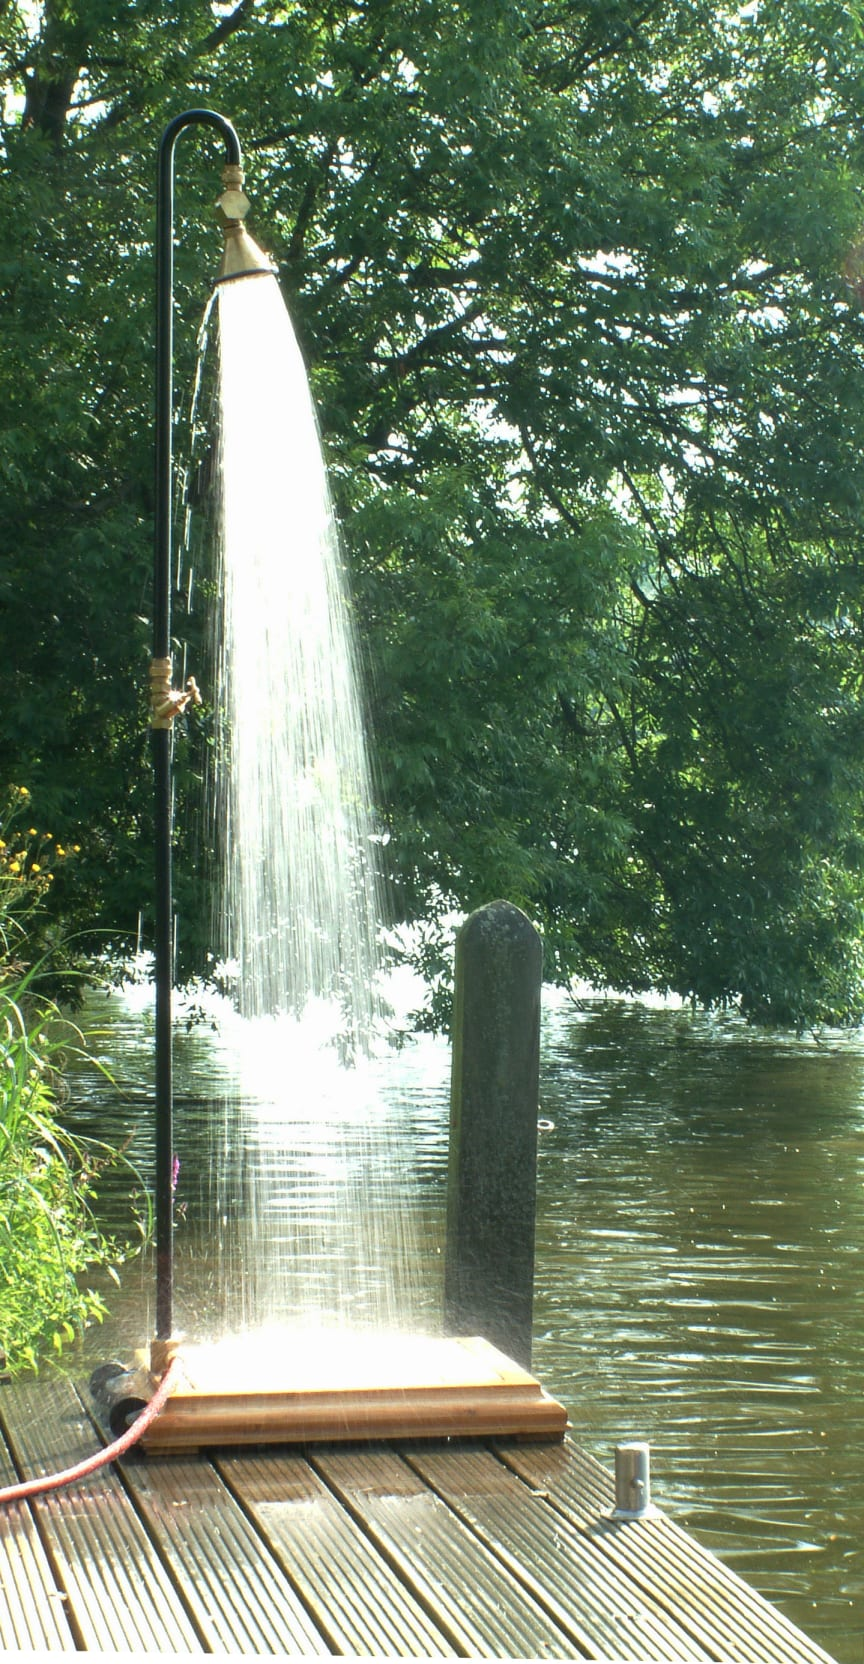 Utomhus dusch i trädgården eller på bryggan